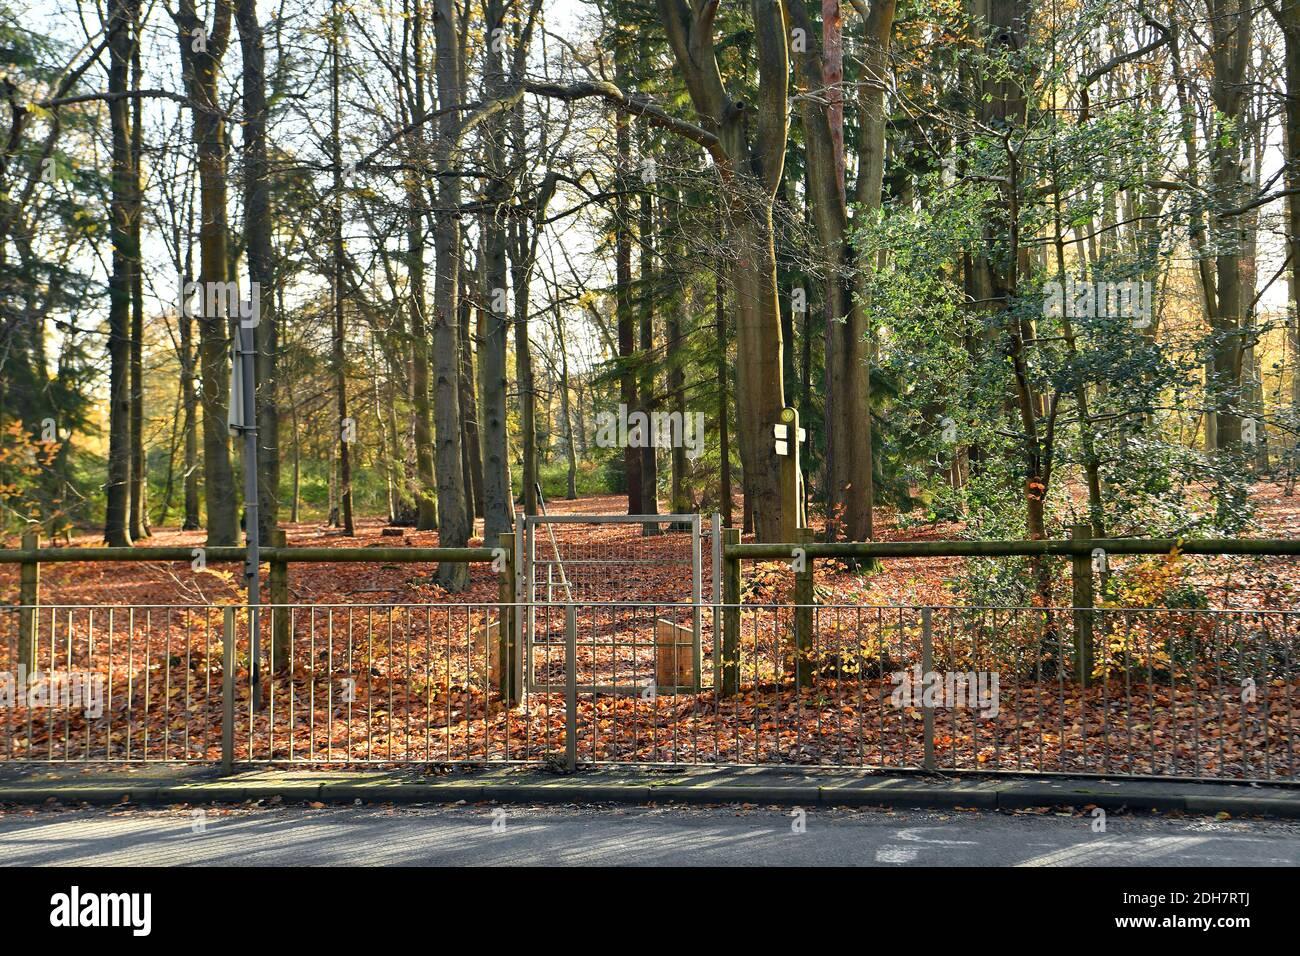 Photos pour une caractéristique sur Wellesley Woodland, Aldershot - automne Weekend Walks caractéristique. Point de passage sur Clubhouse Road, jeudi 12 novembre 2020. Banque D'Images